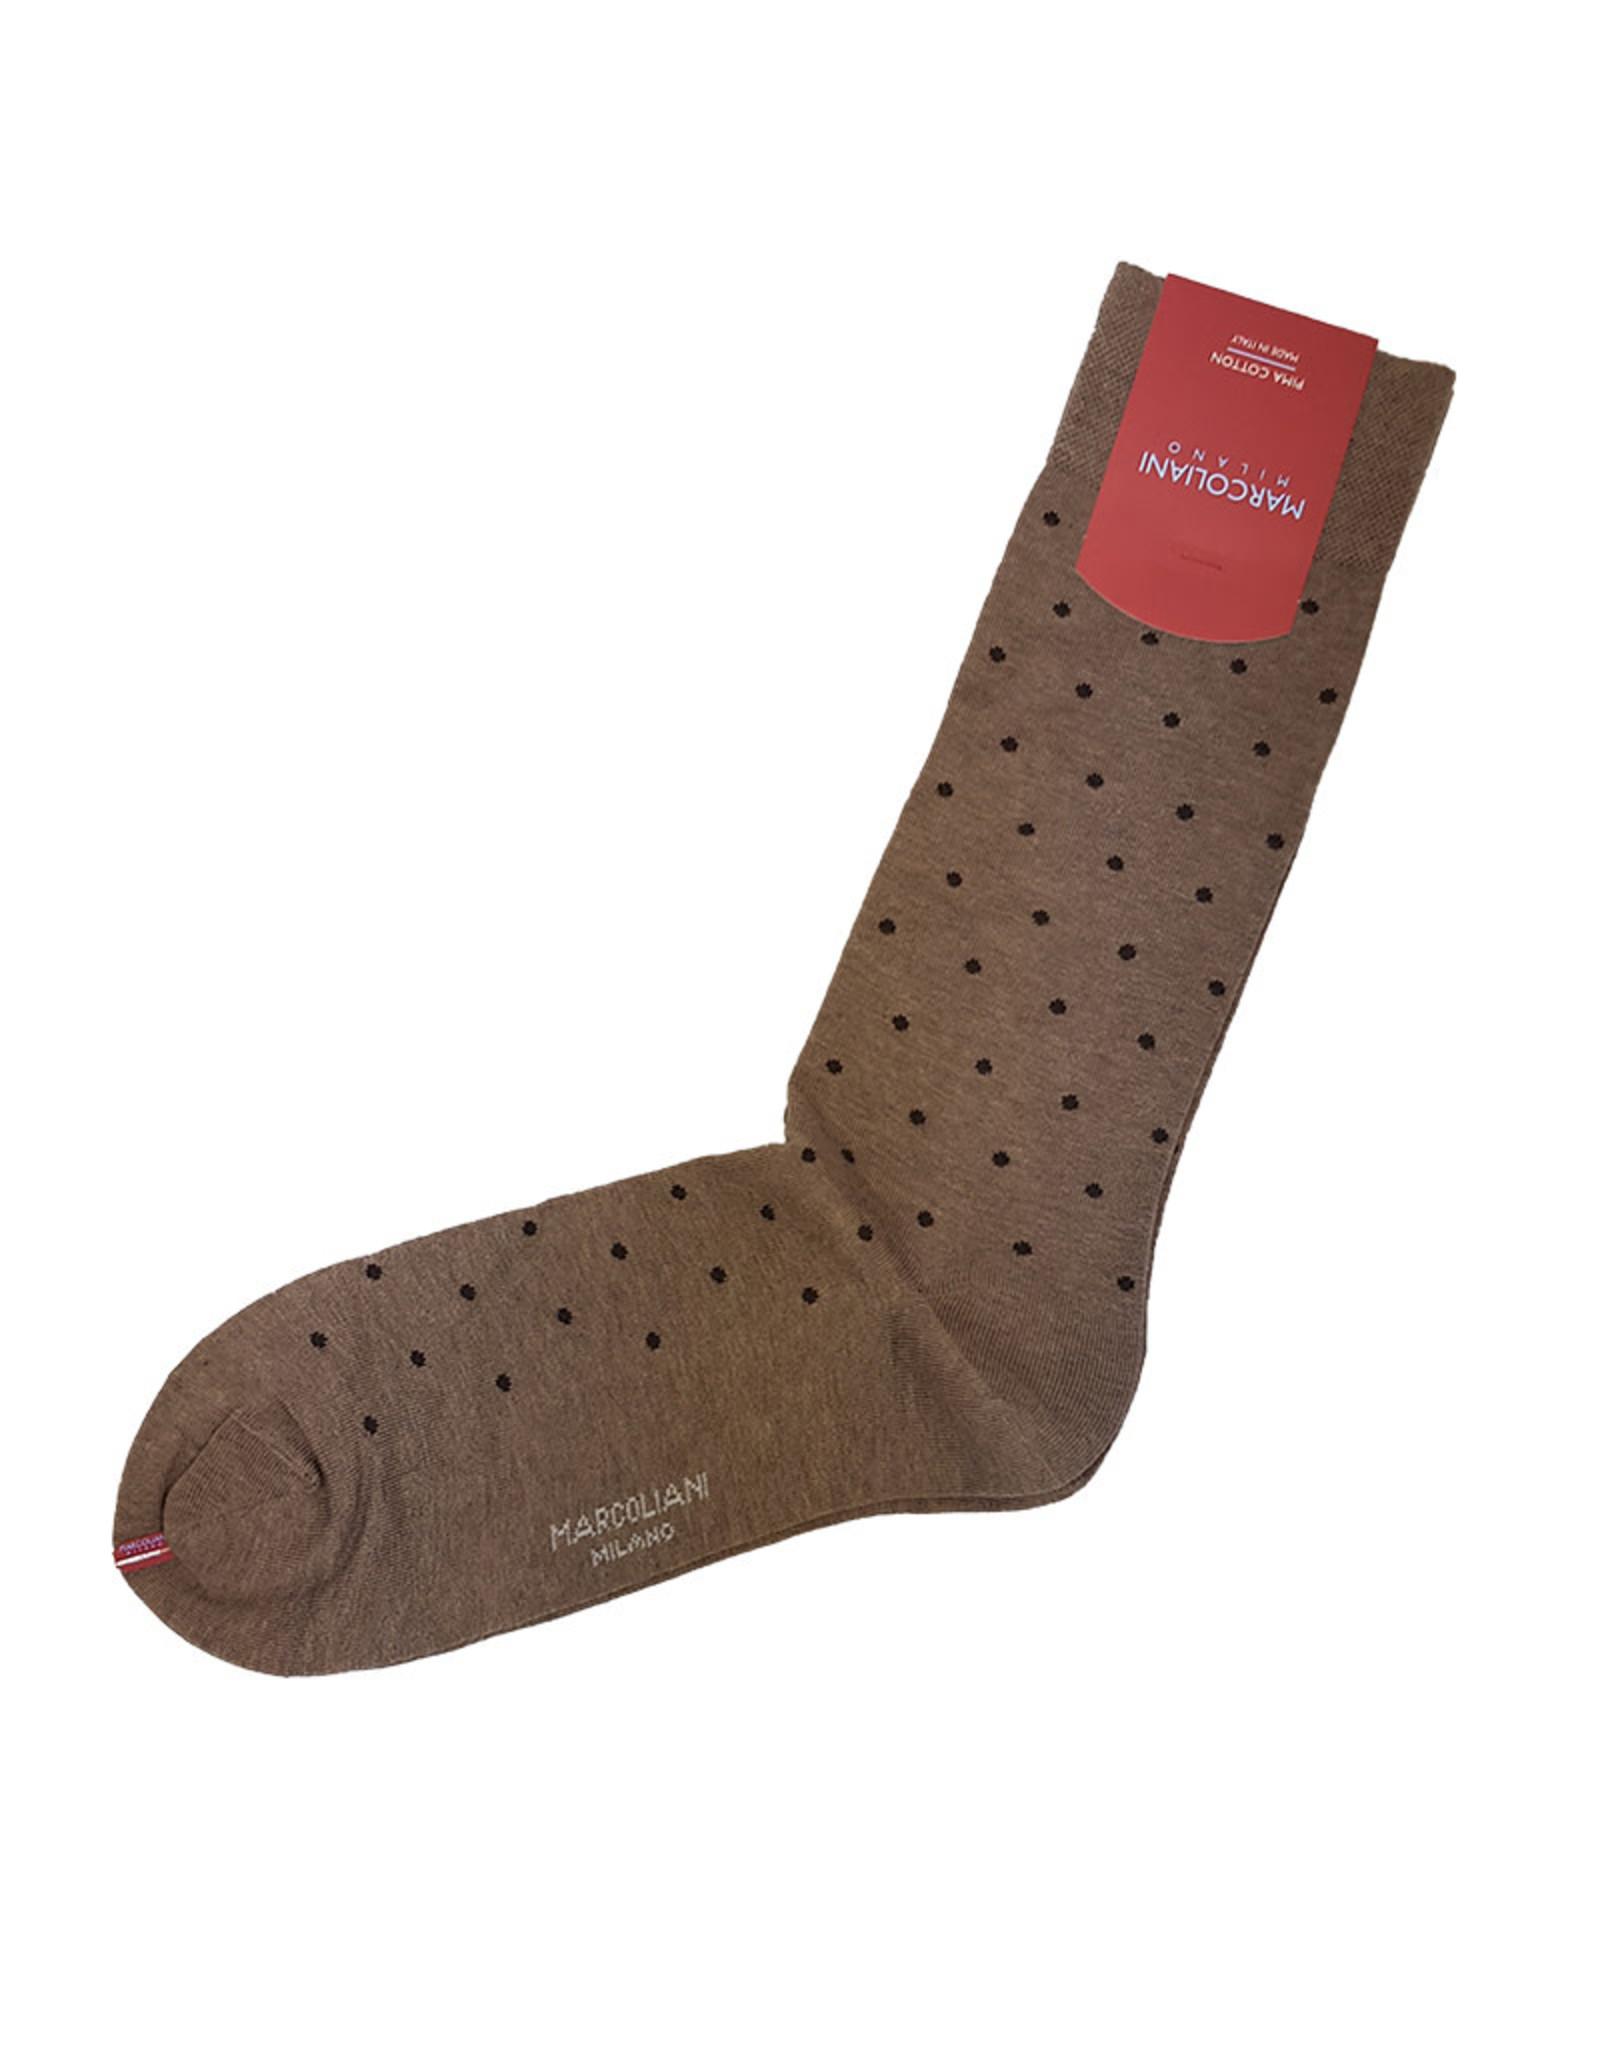 Marcoliani Marcoliani sokken beige gestipt 2776T/258